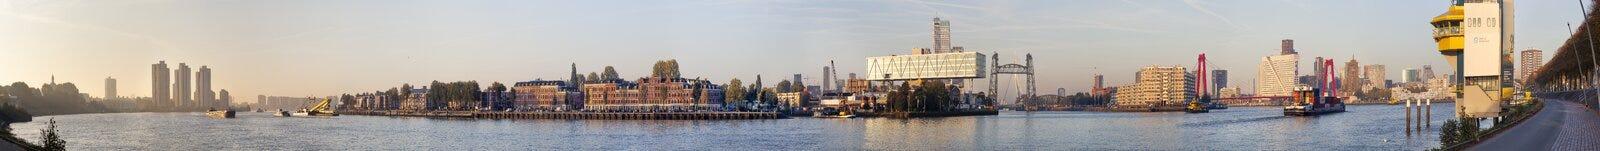 Panorama von Rotterdam stockbilder